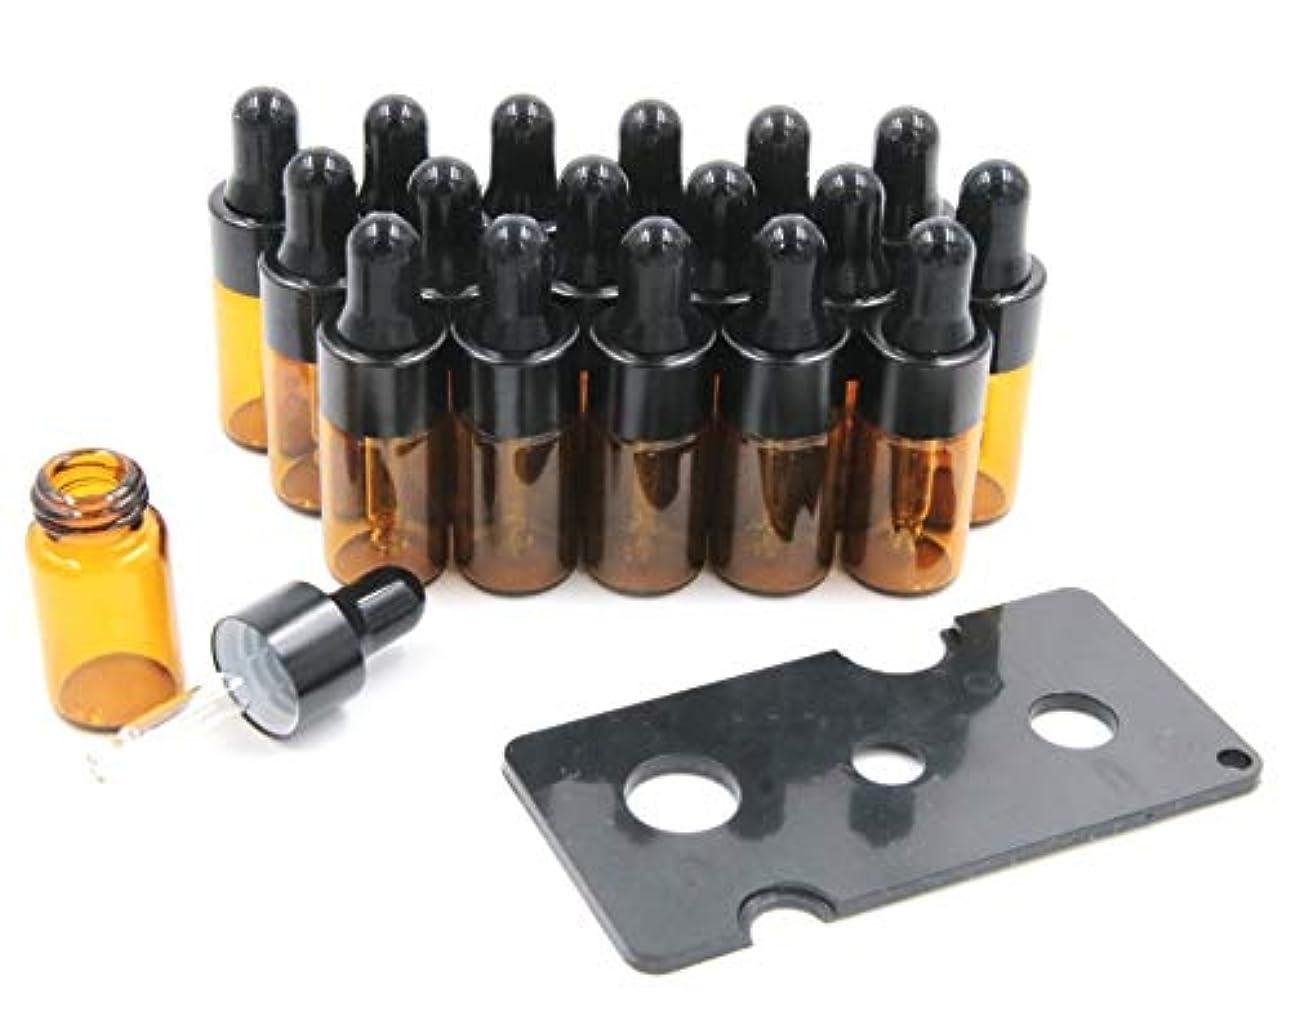 ずんぐりしたやさしく私達XPdesign アロマ スポイト遮光瓶 アロマオイル 遮光瓶 保存 容器 小分け 詰め替え 香水 ボトル (3ml 18本セット)